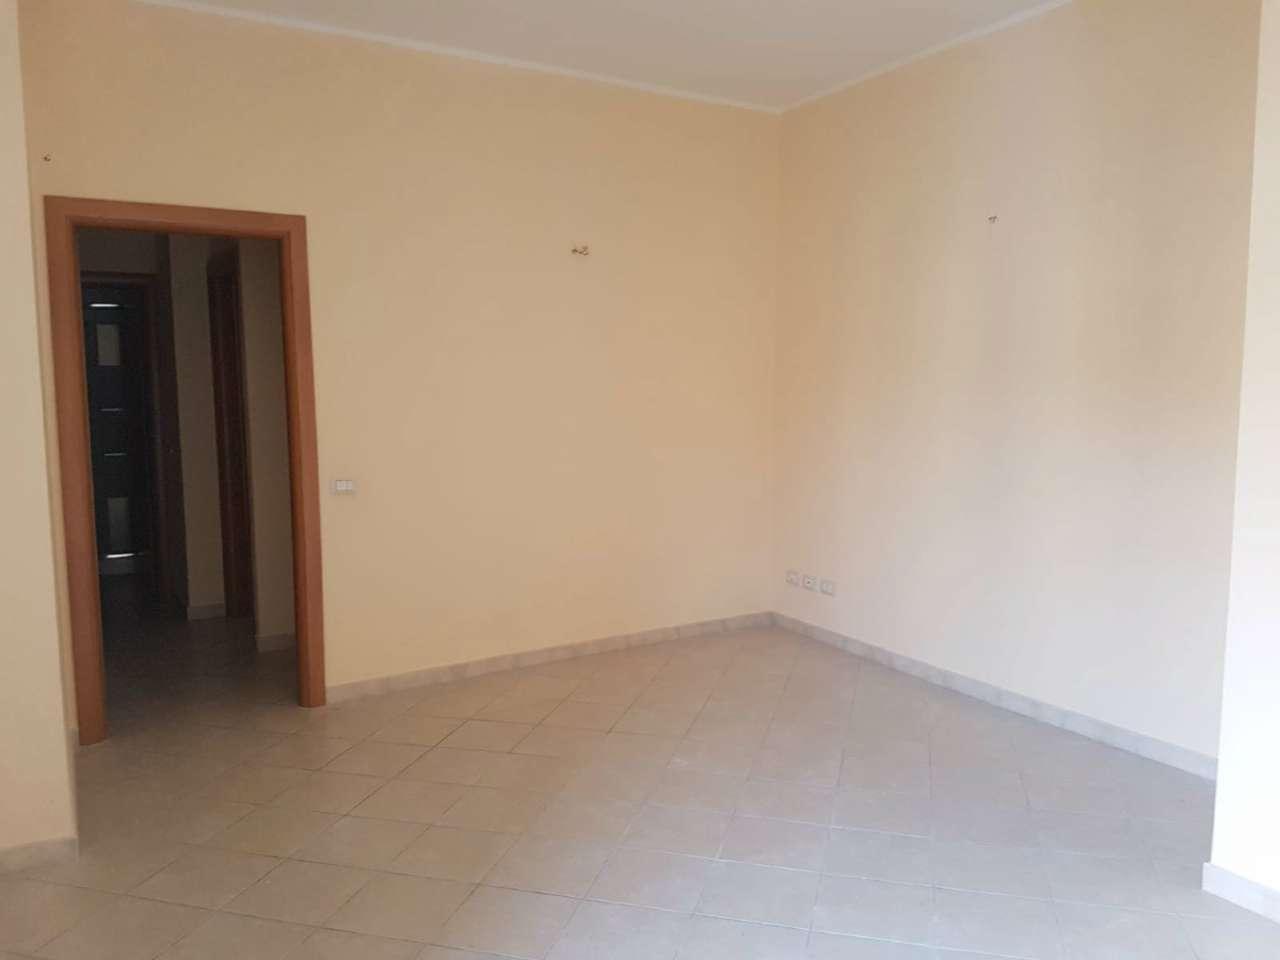 Appartamento in affitto a Mascalucia, 3 locali, prezzo € 500 | CambioCasa.it